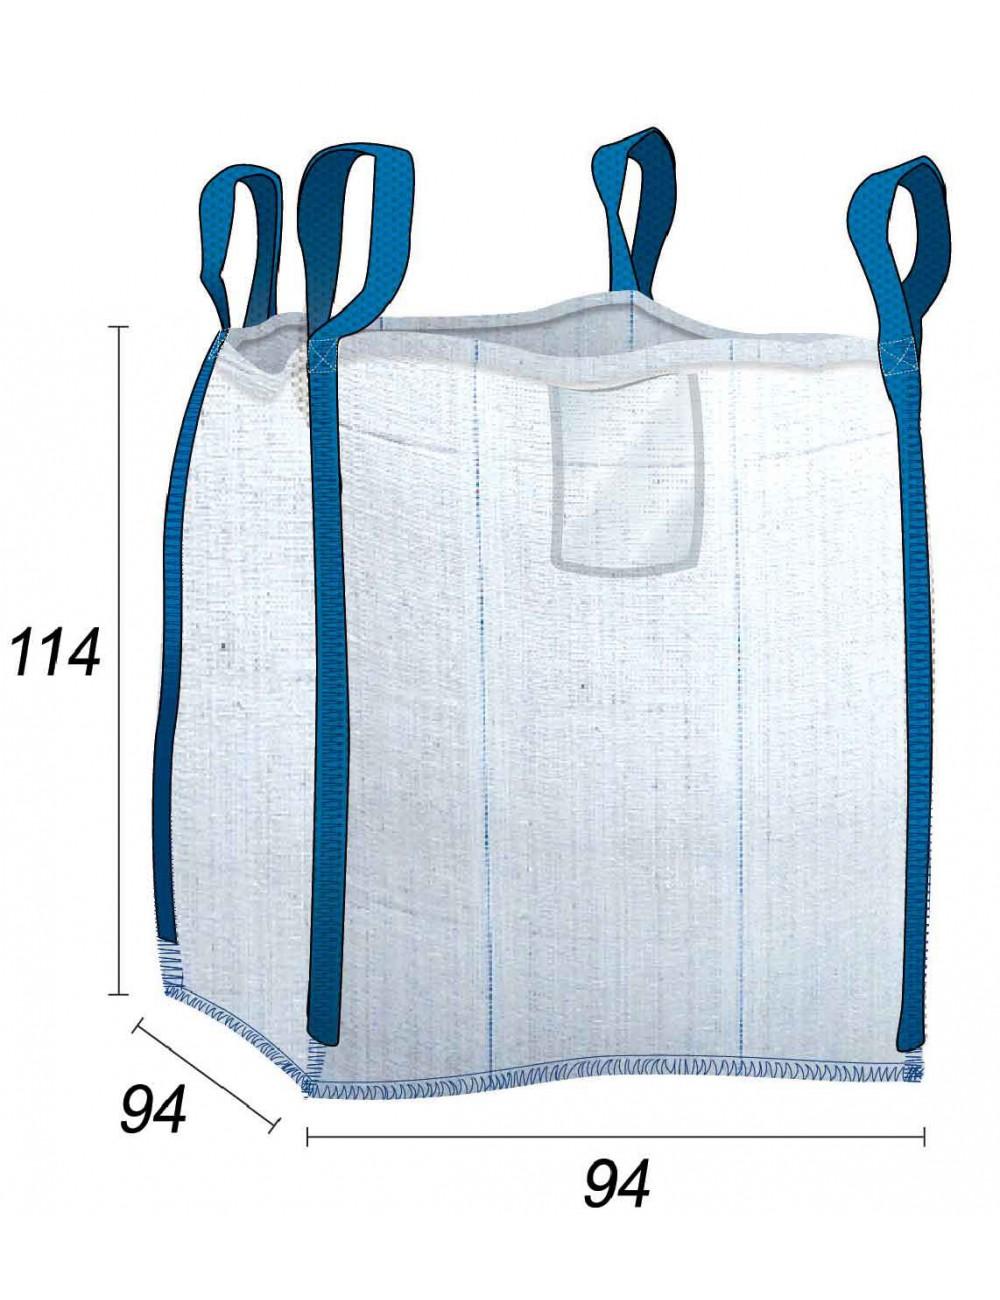 Sacchetti per materiale Resistente e rinforzato - 90X90X110